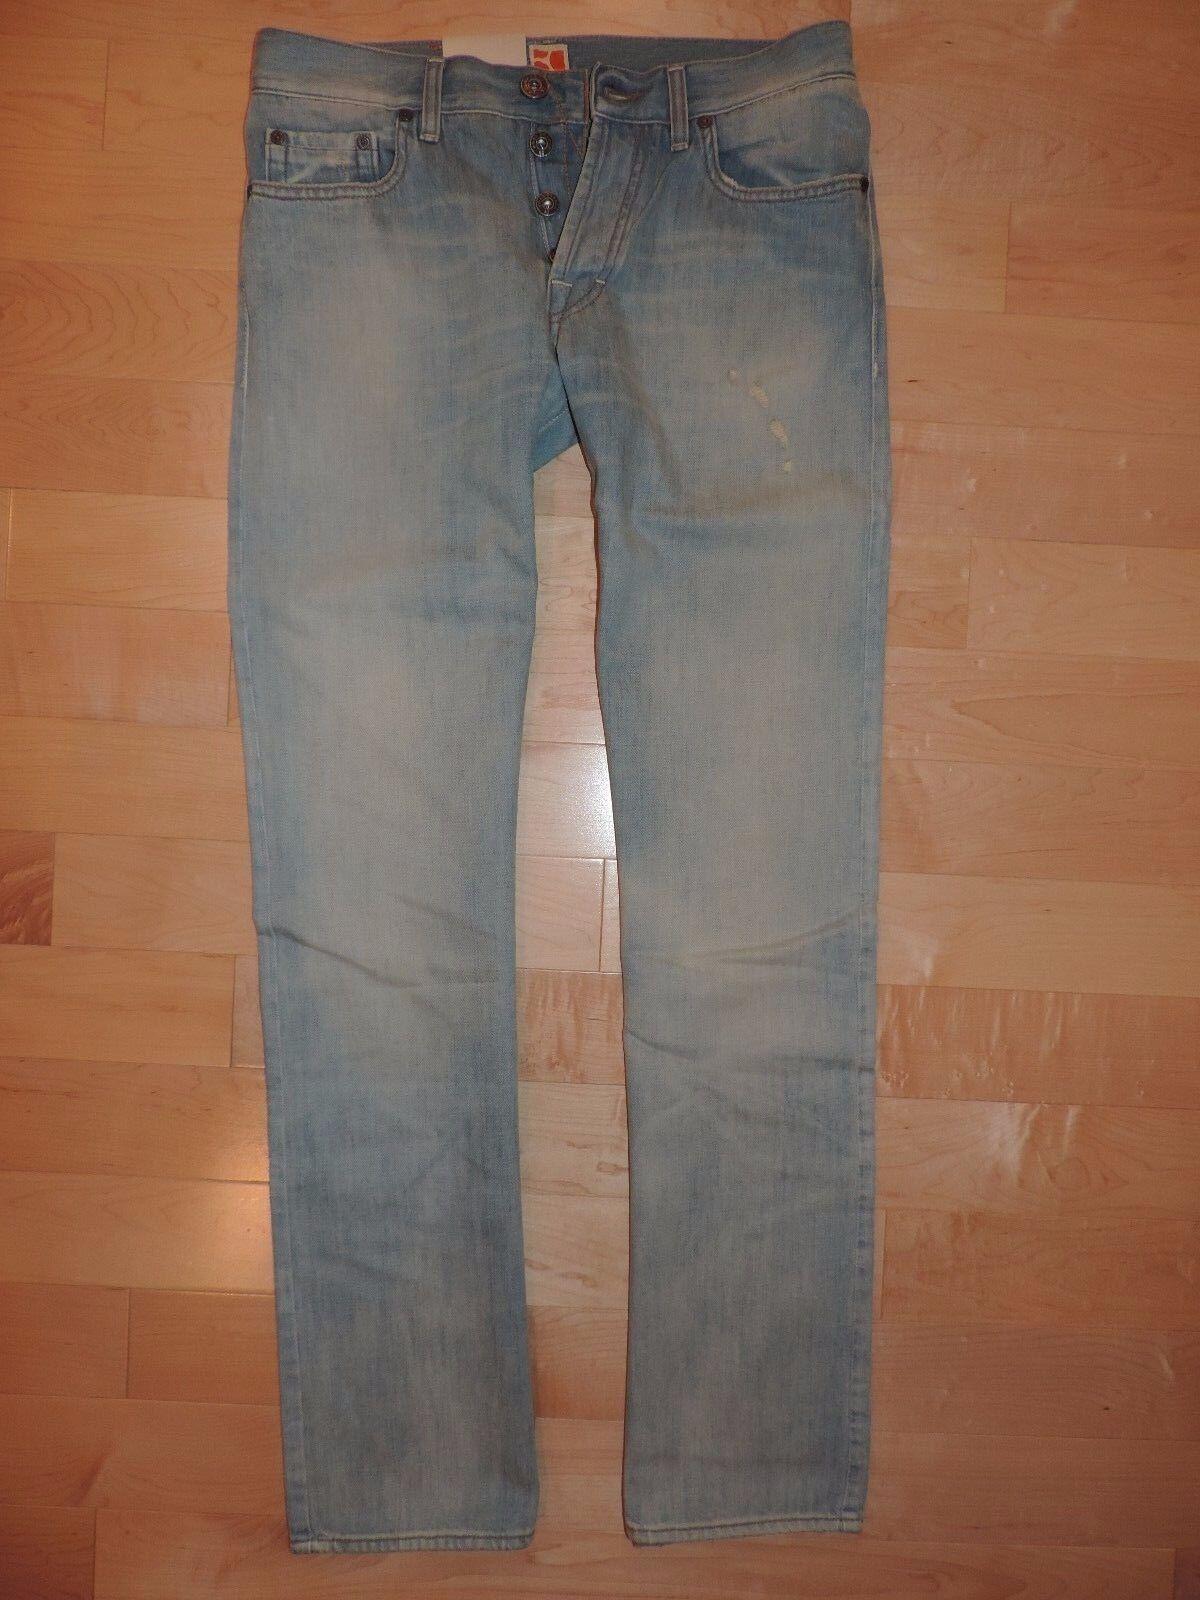 Hugo Boss Jeans Medium Ligth bluee Washed orange 25 32 x 34 Regular Fit